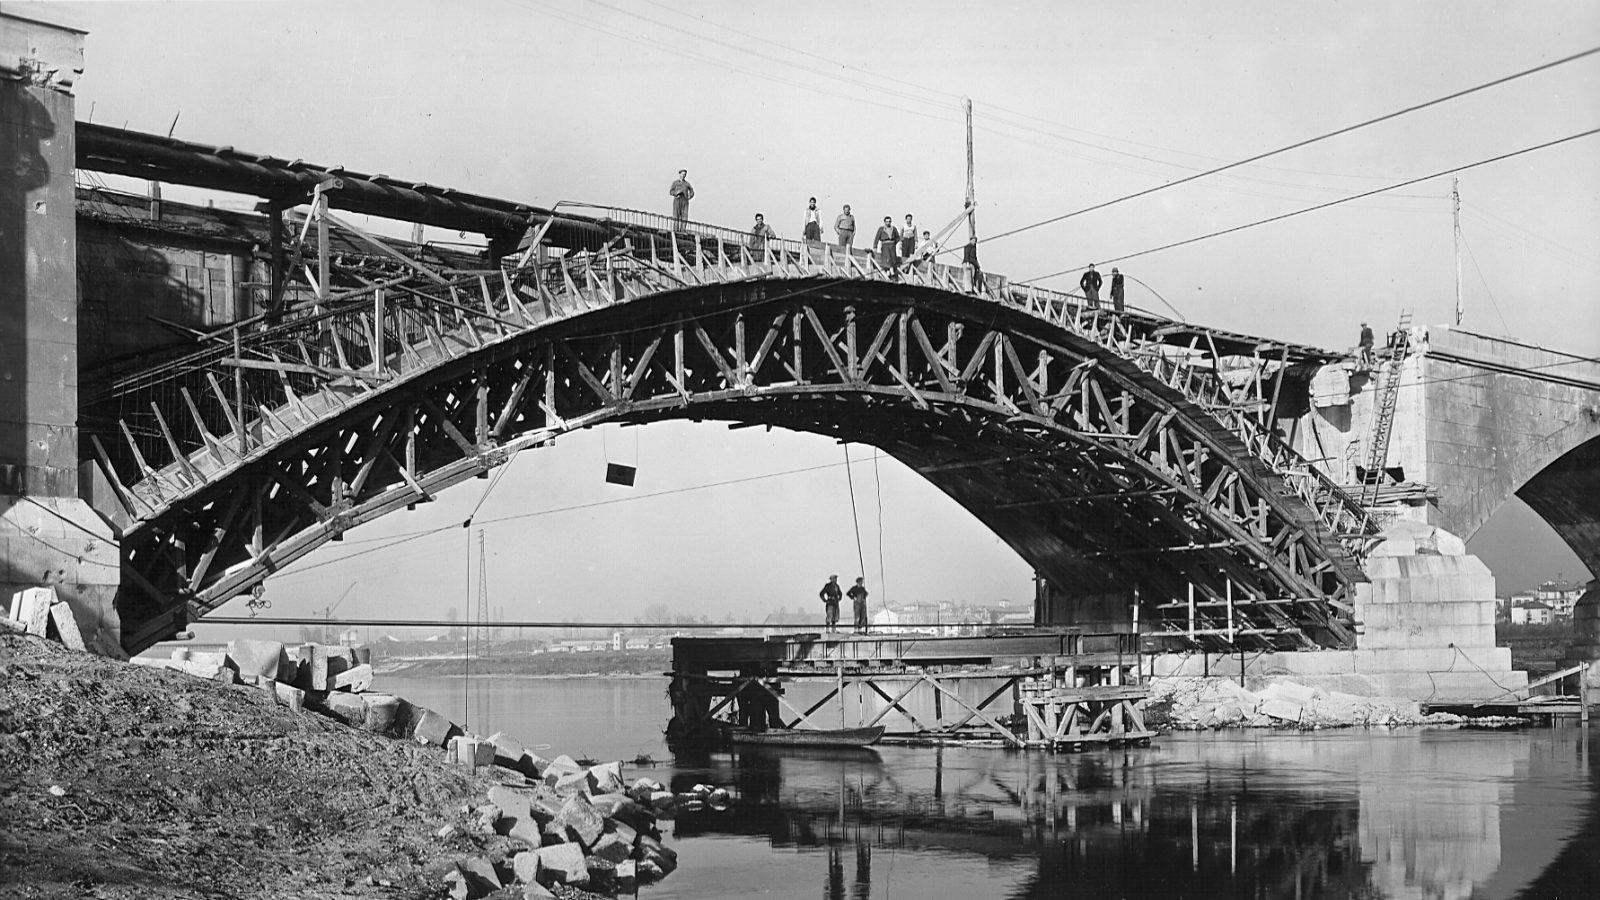 """Strada statale 35 """"dei Giovi"""", ricostruzione dell'arcata del ponte sul Ticino distrutta dai bombardamenti (Archivio storico Anas)"""